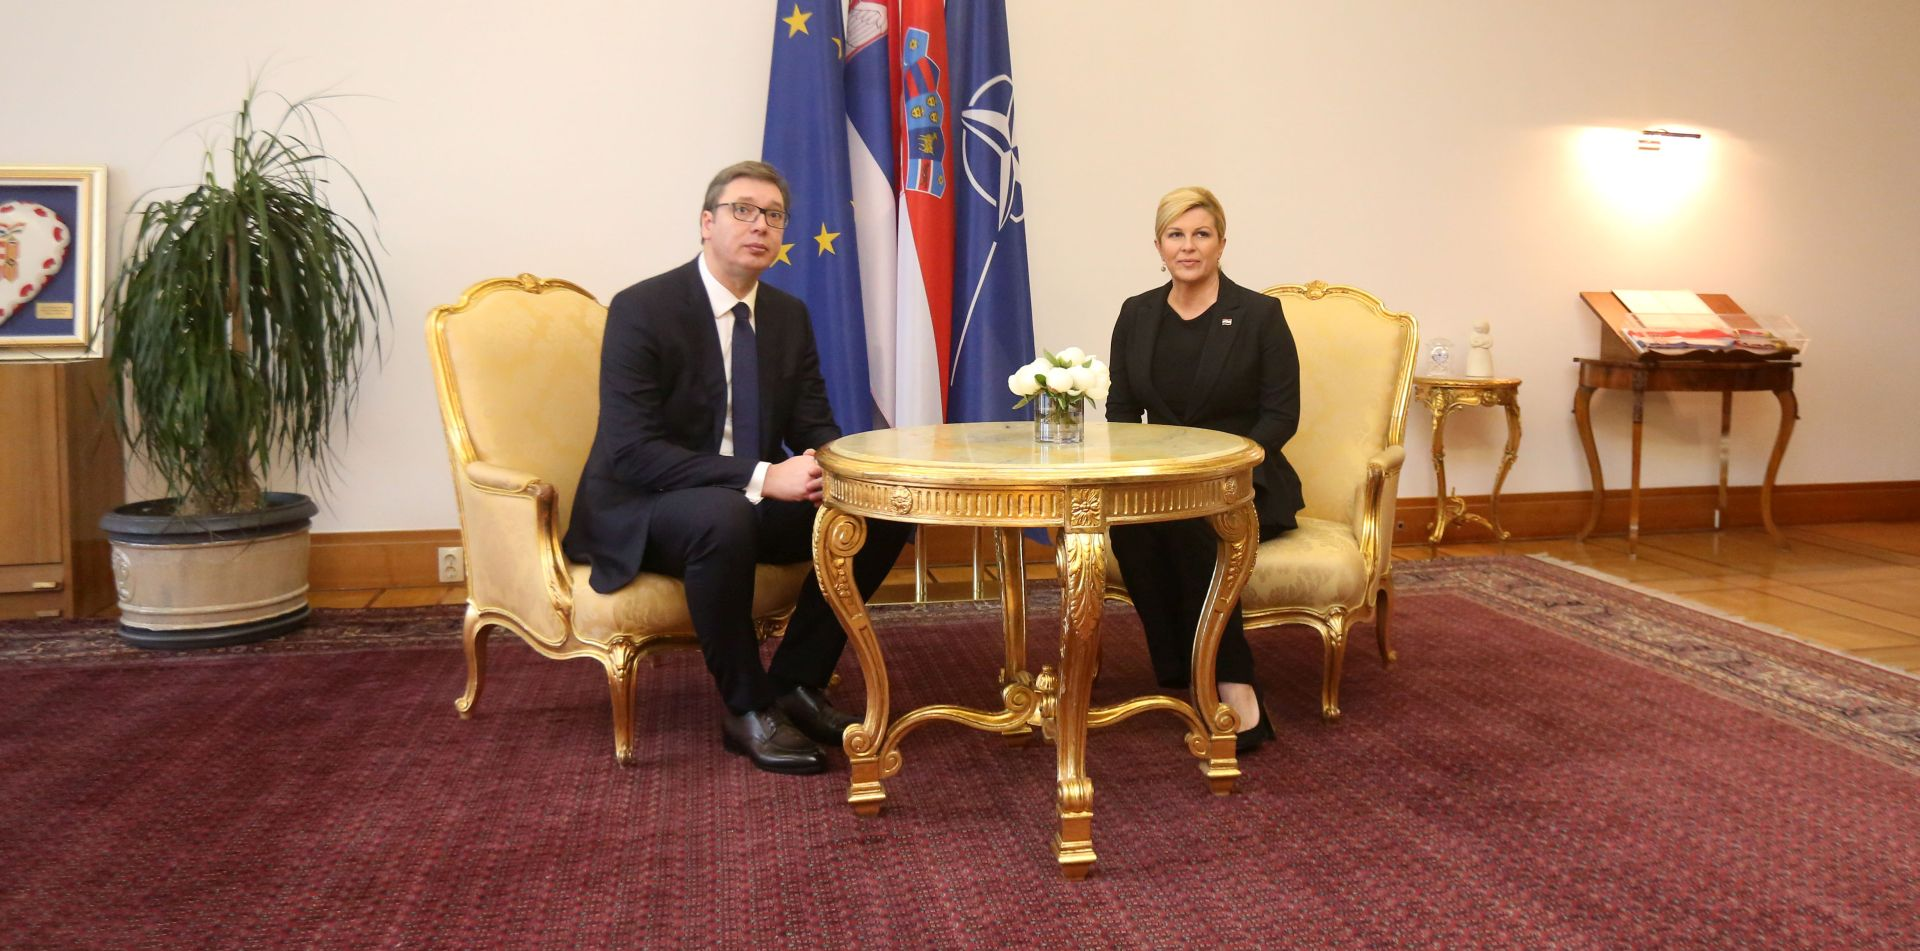 HND: Vučić nema pravo novinarska pitanja proglašavati uvredama, harangama niti izmišljotinama